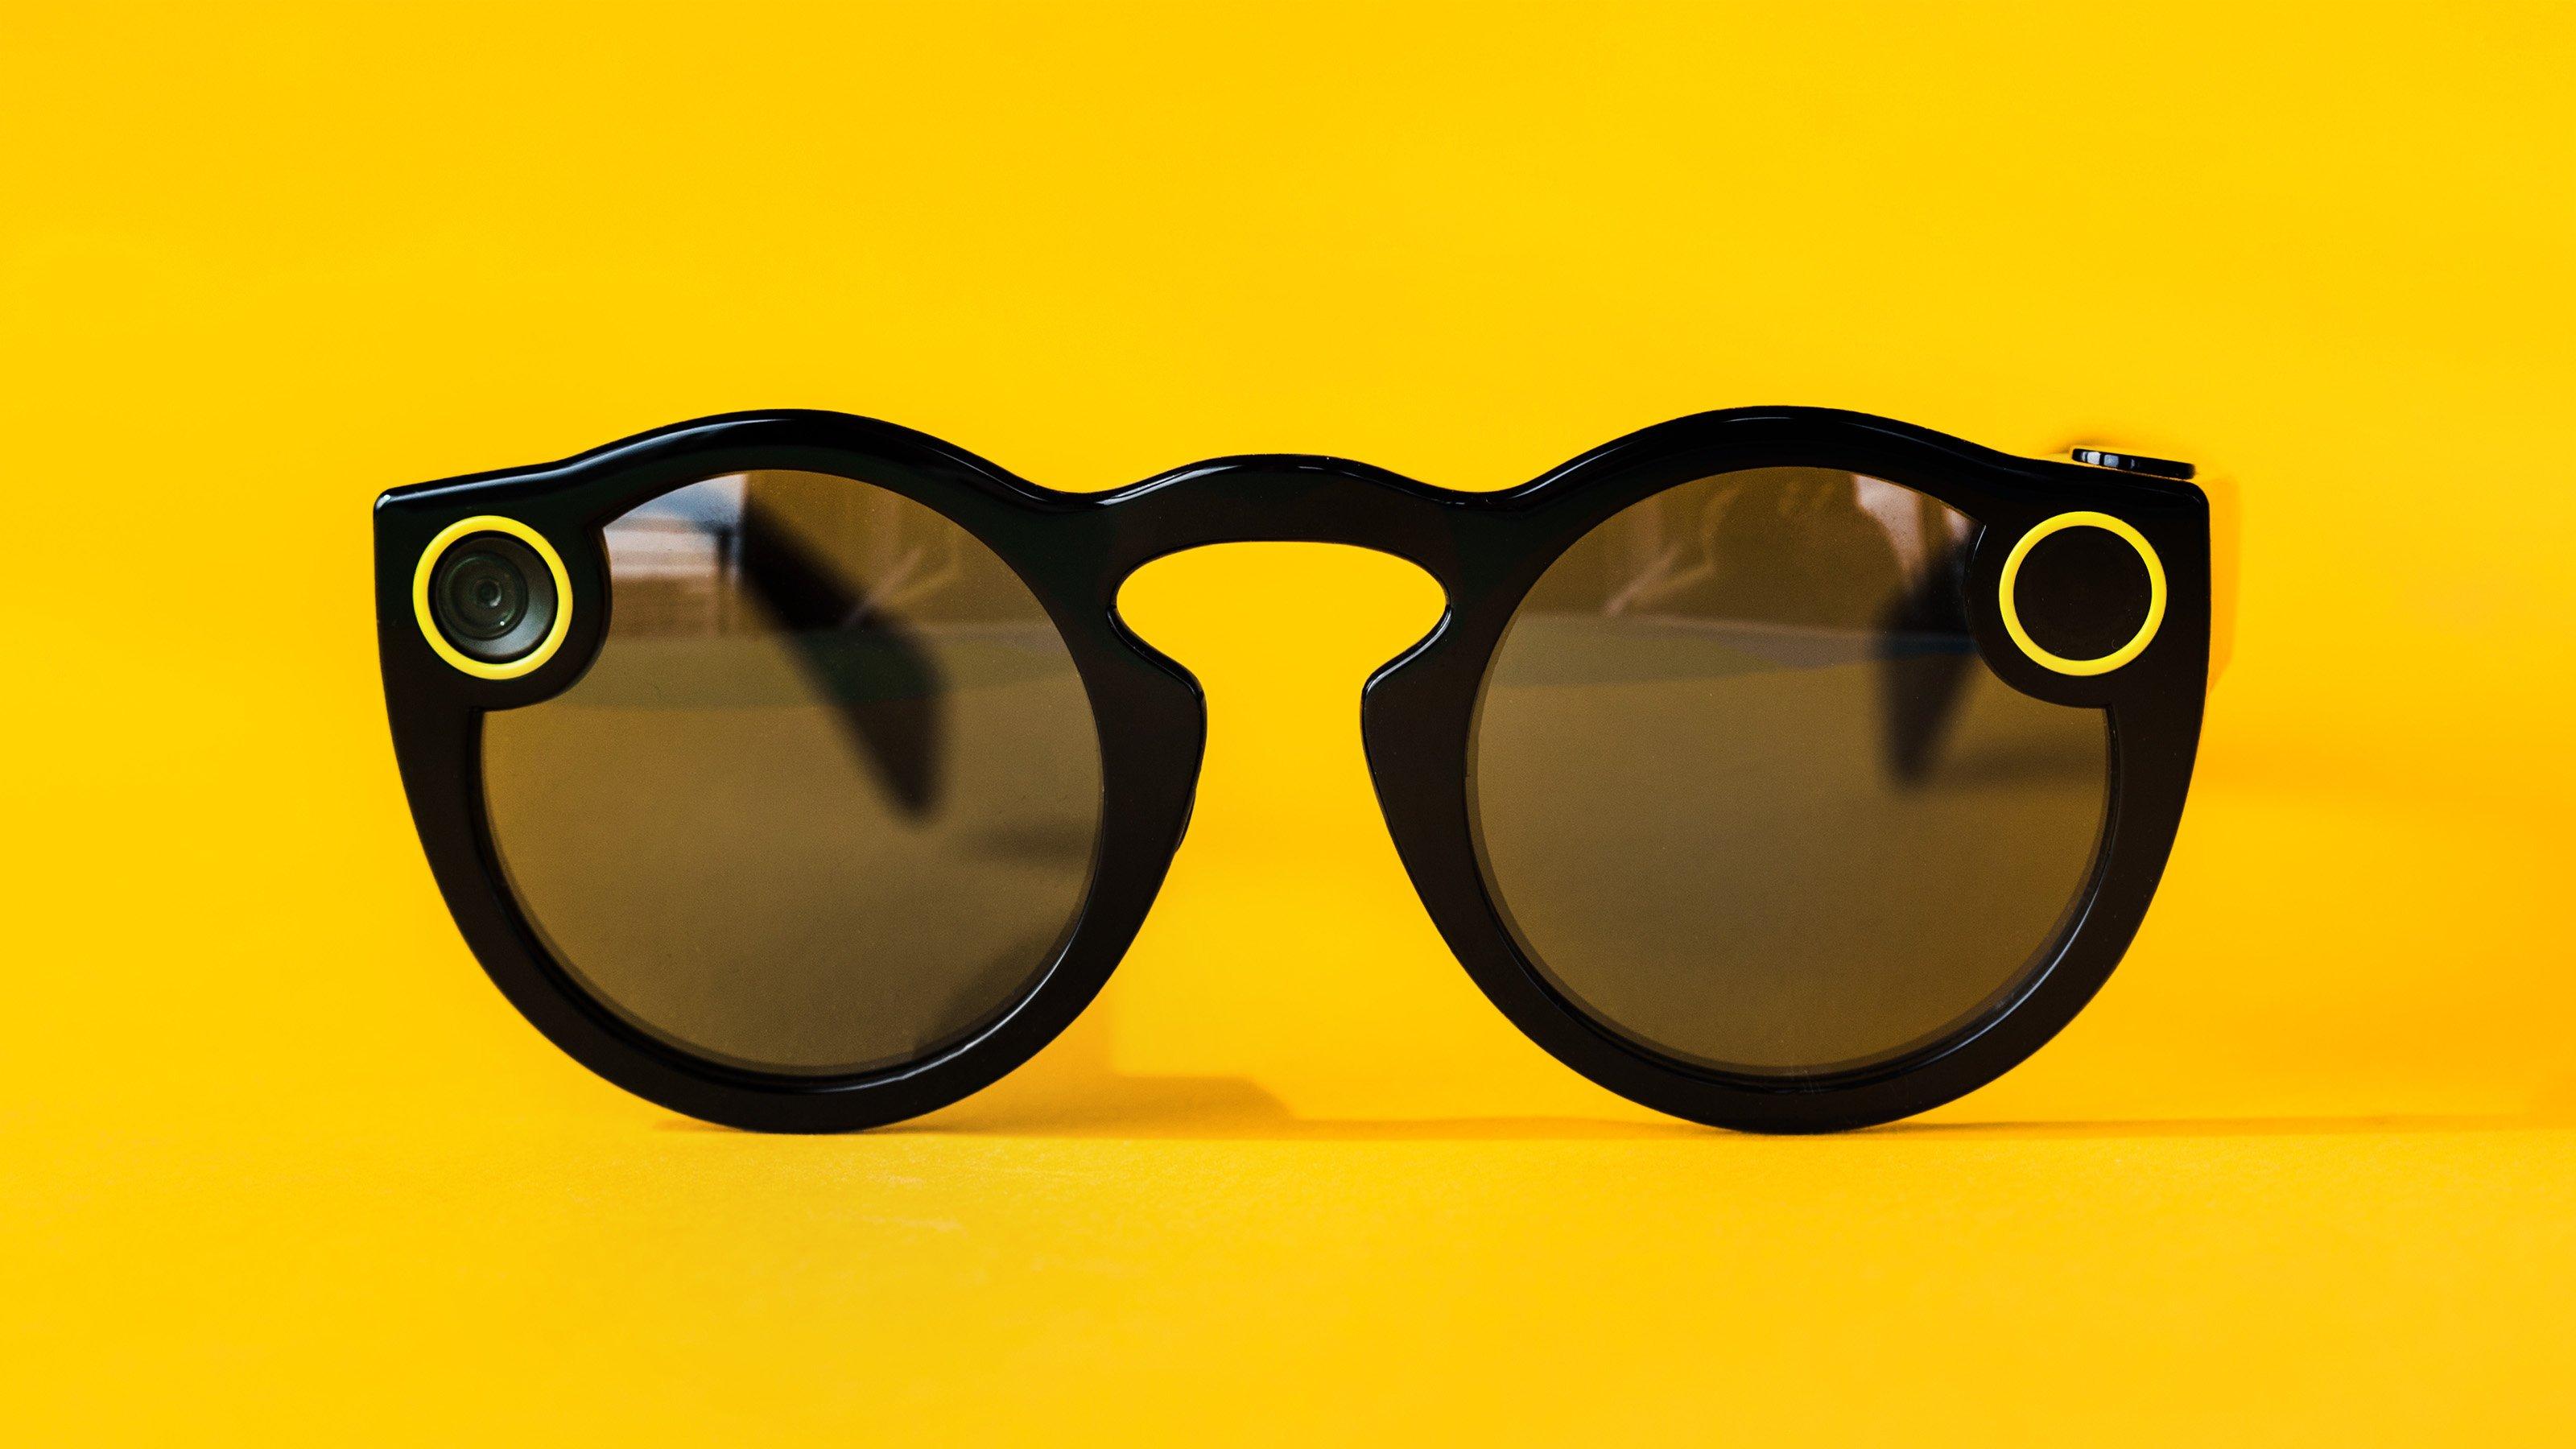 91a2076e1ef07f Test des Snapchat Spectacles   enfin un wearable qui offre du fun    AndroidPIT